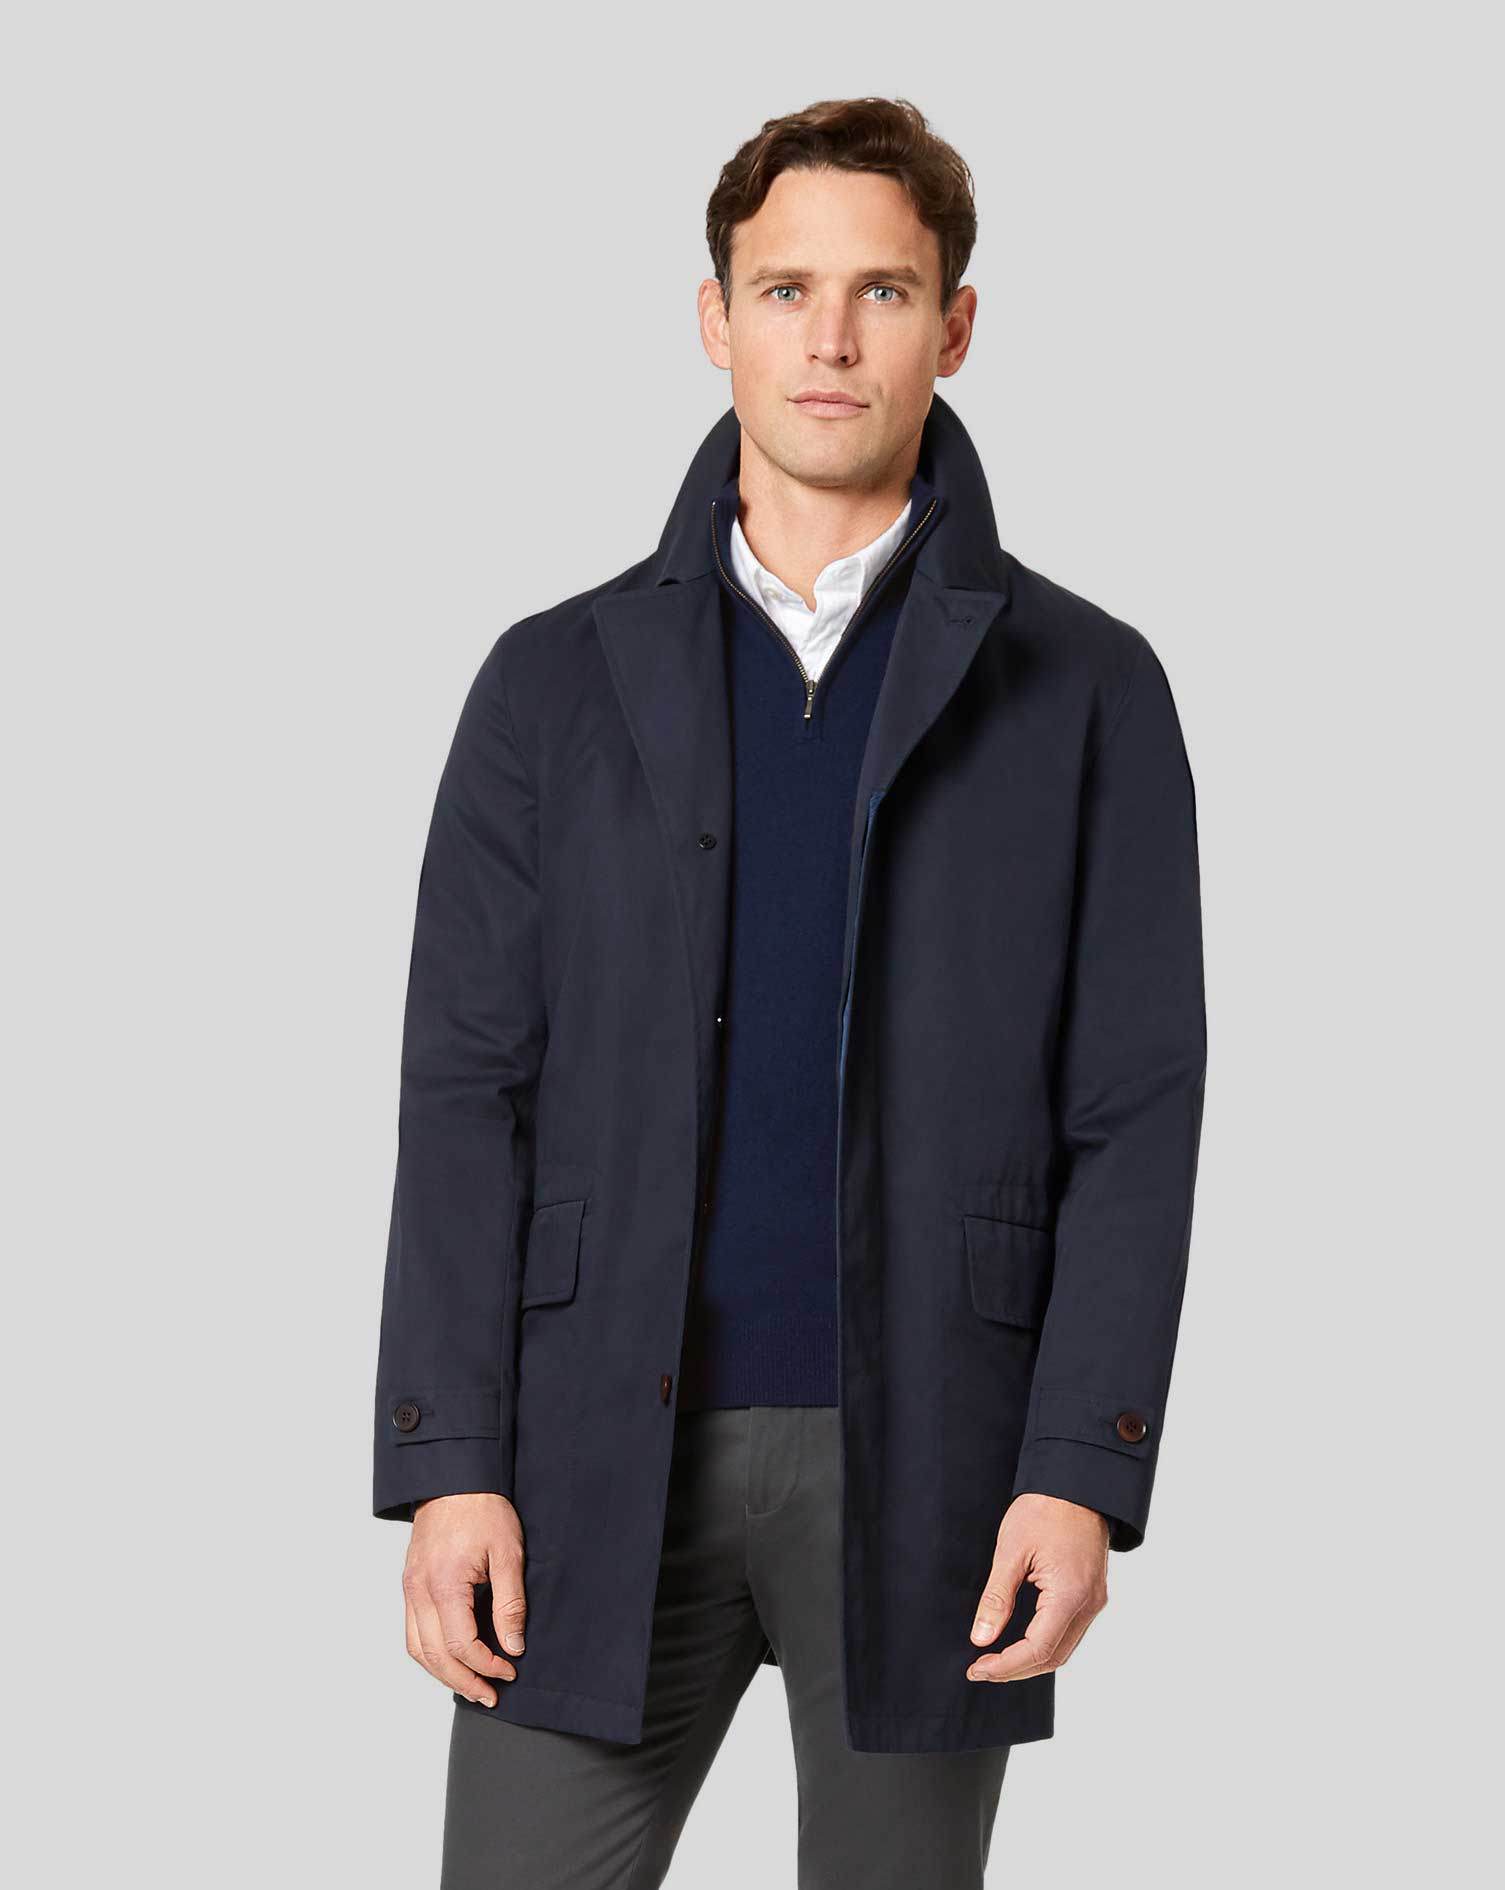 Italian RainCotton coat - Navy Size 42